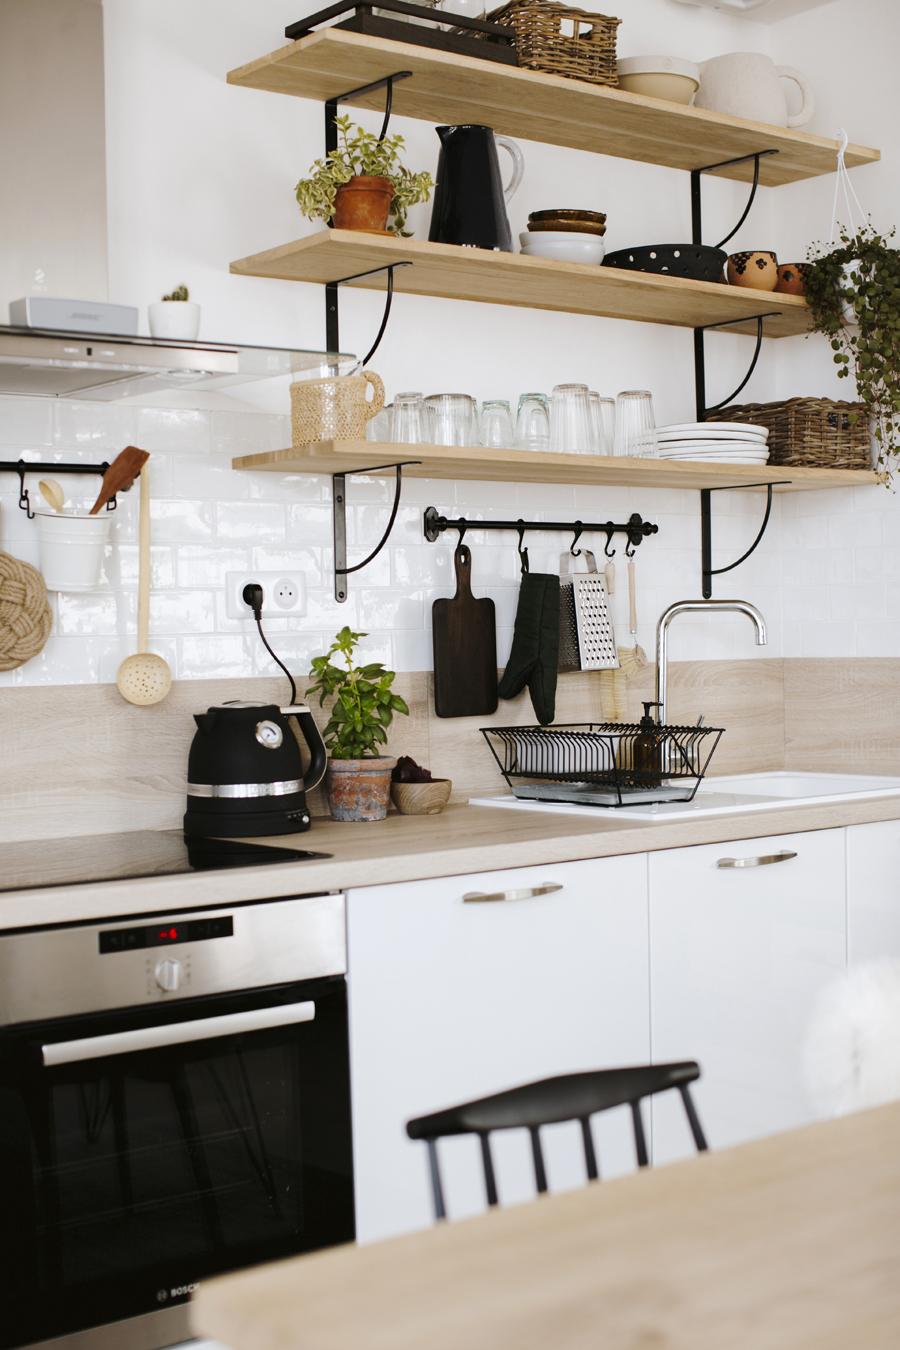 Déco cuisine : Notre nouvelle kitchen - Les demoizelles